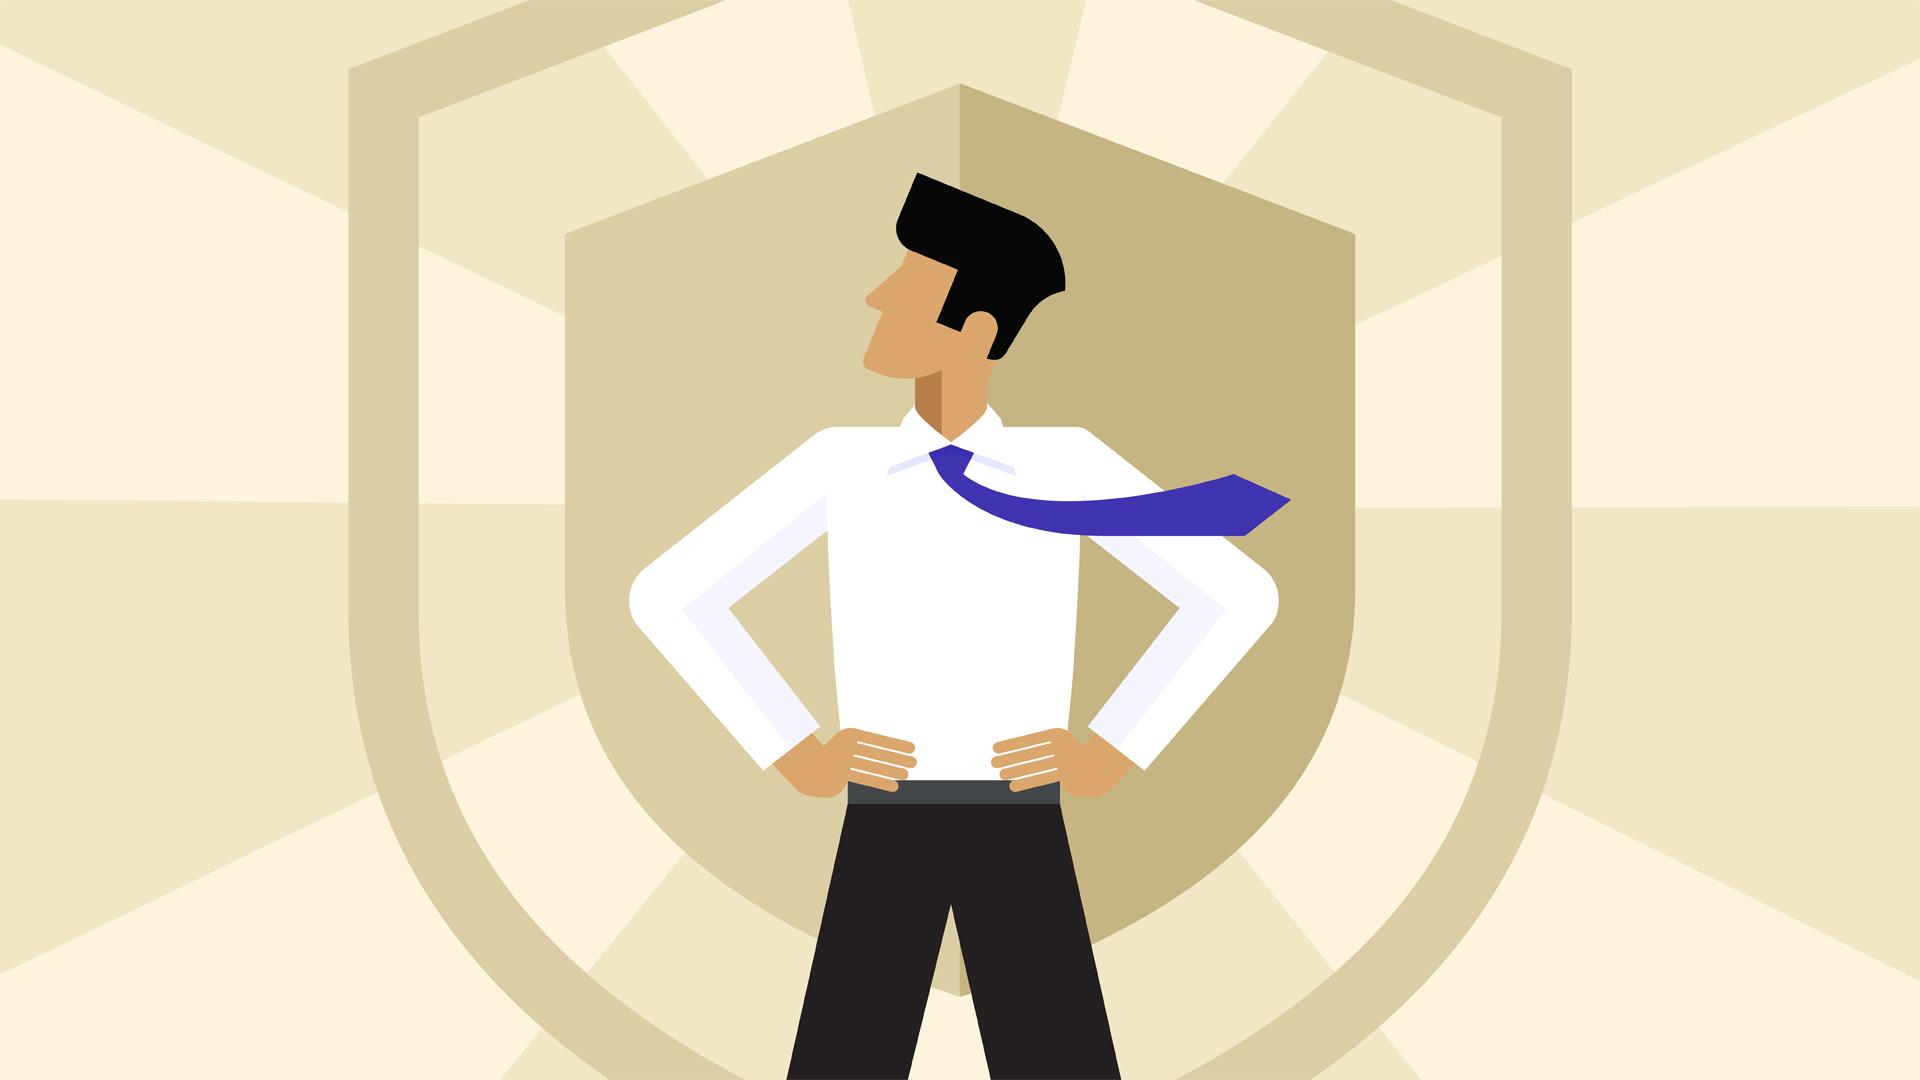 آموزش ایجاد انعطاف پذیری در کار و زندگی تان